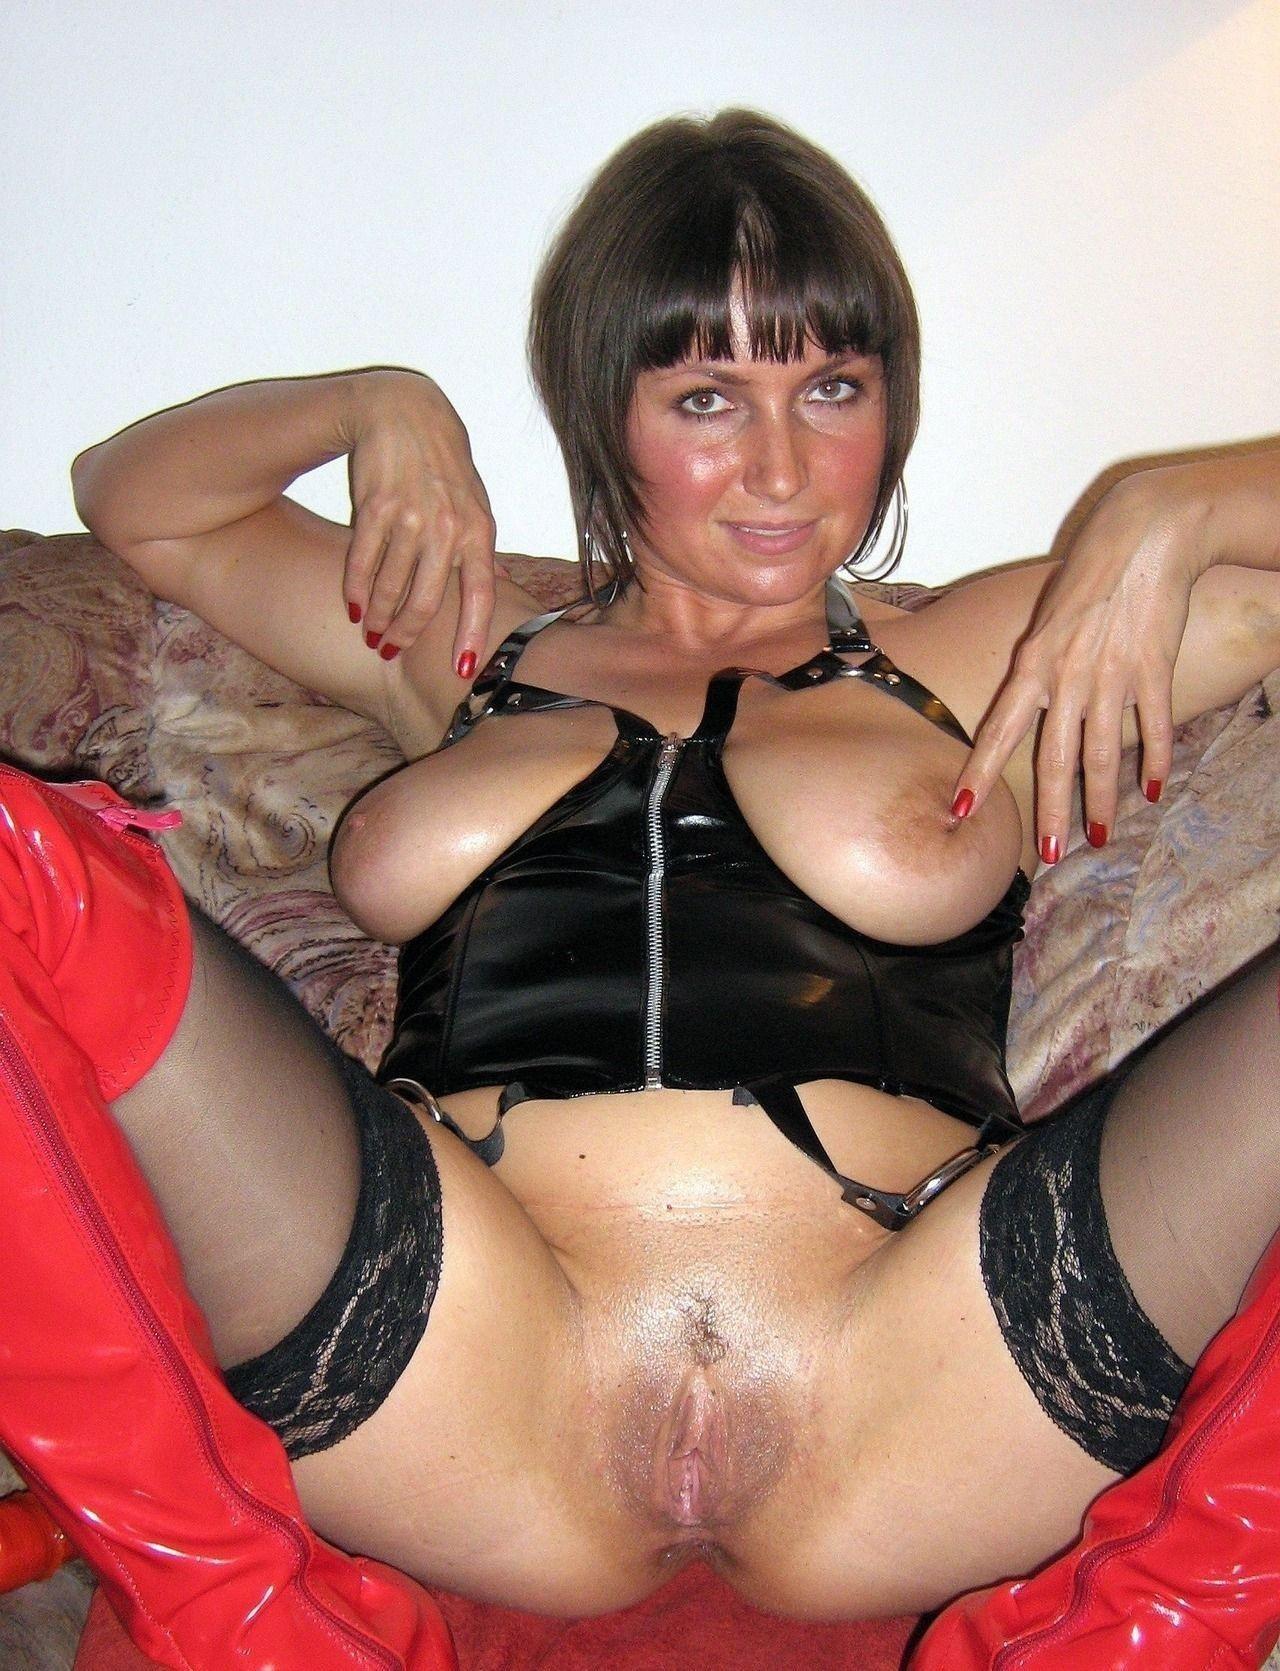 tumblr female submissive